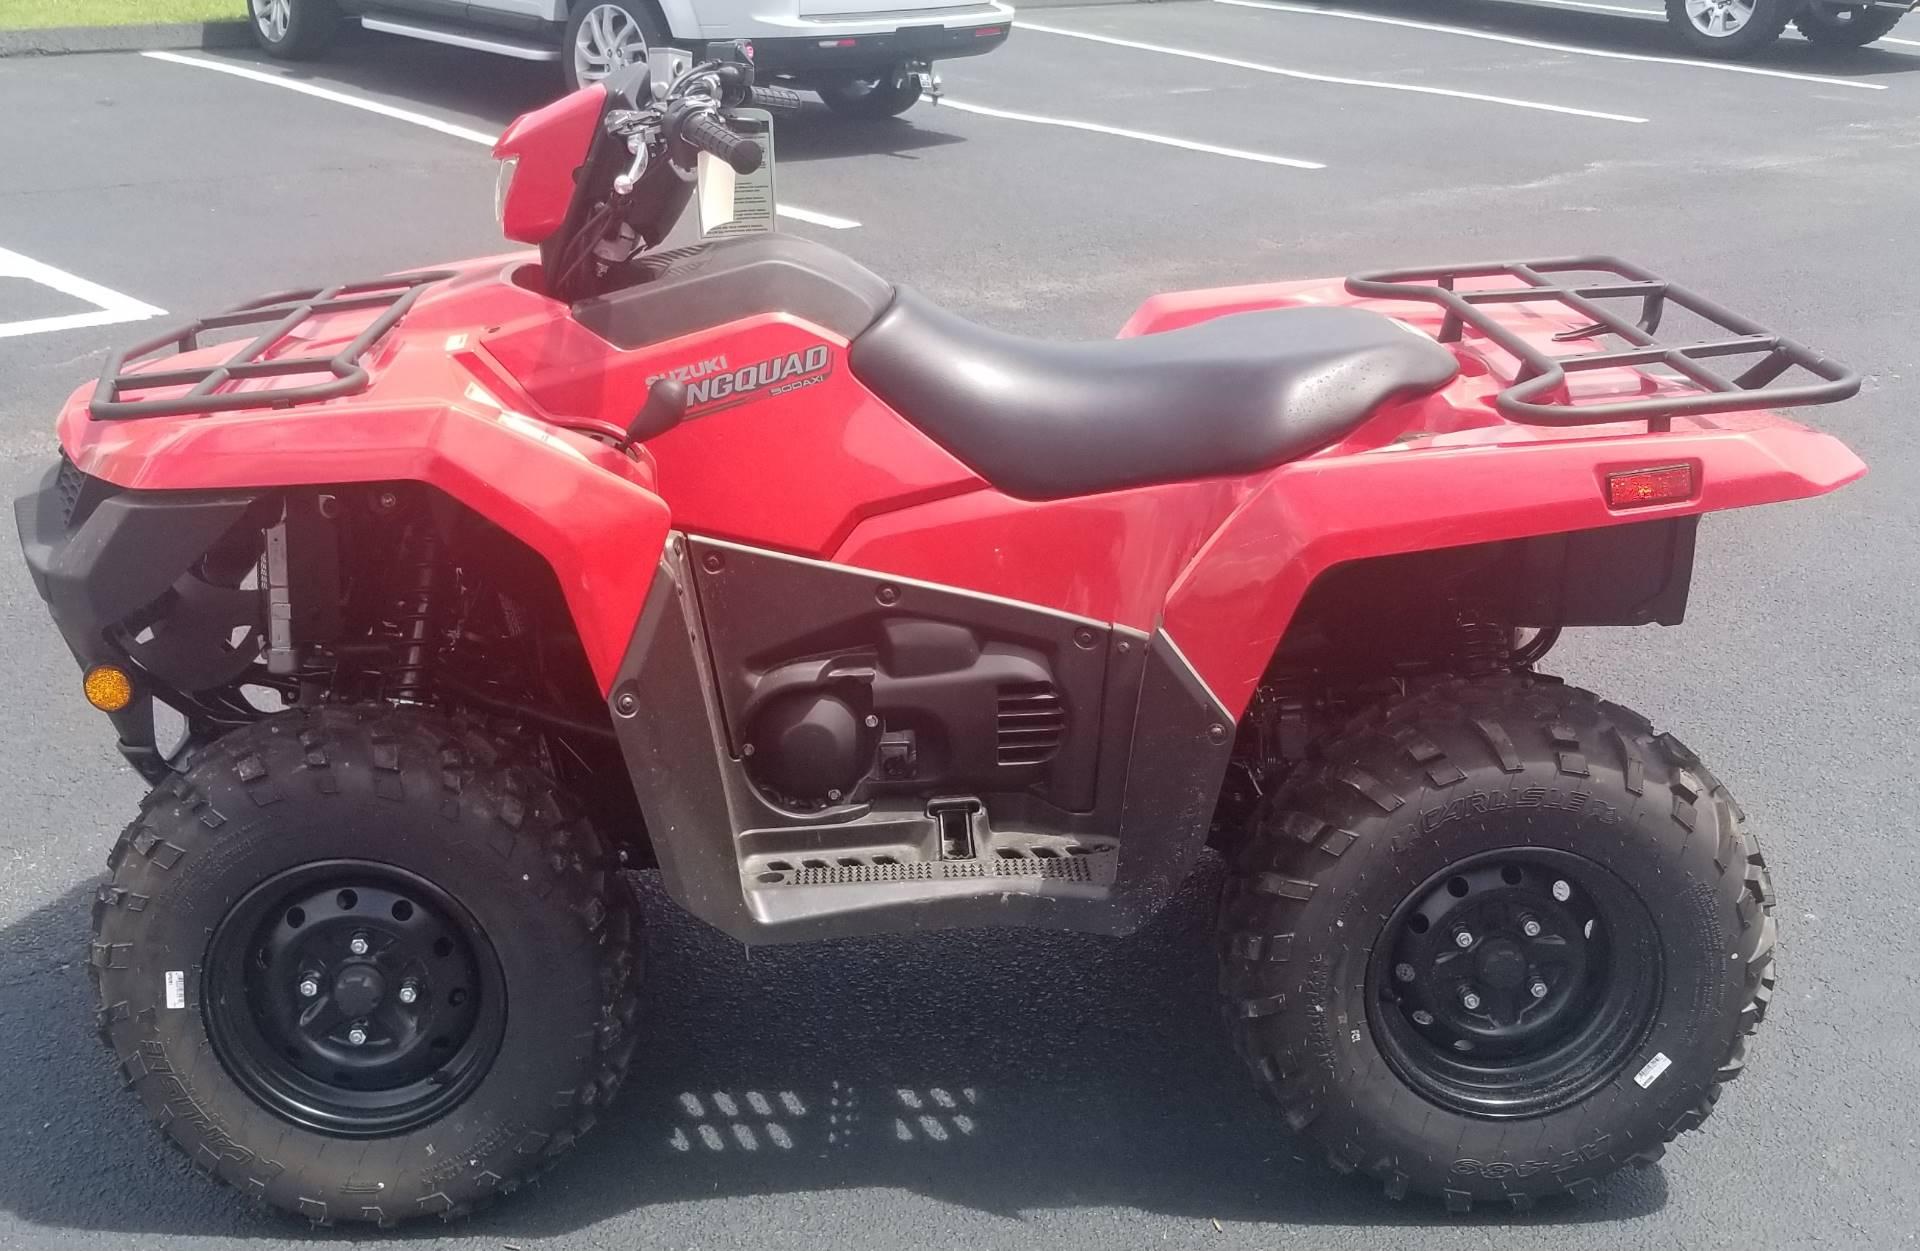 New 2019 Suzuki KingQuad 500AXi | ATVs in Statesboro GA